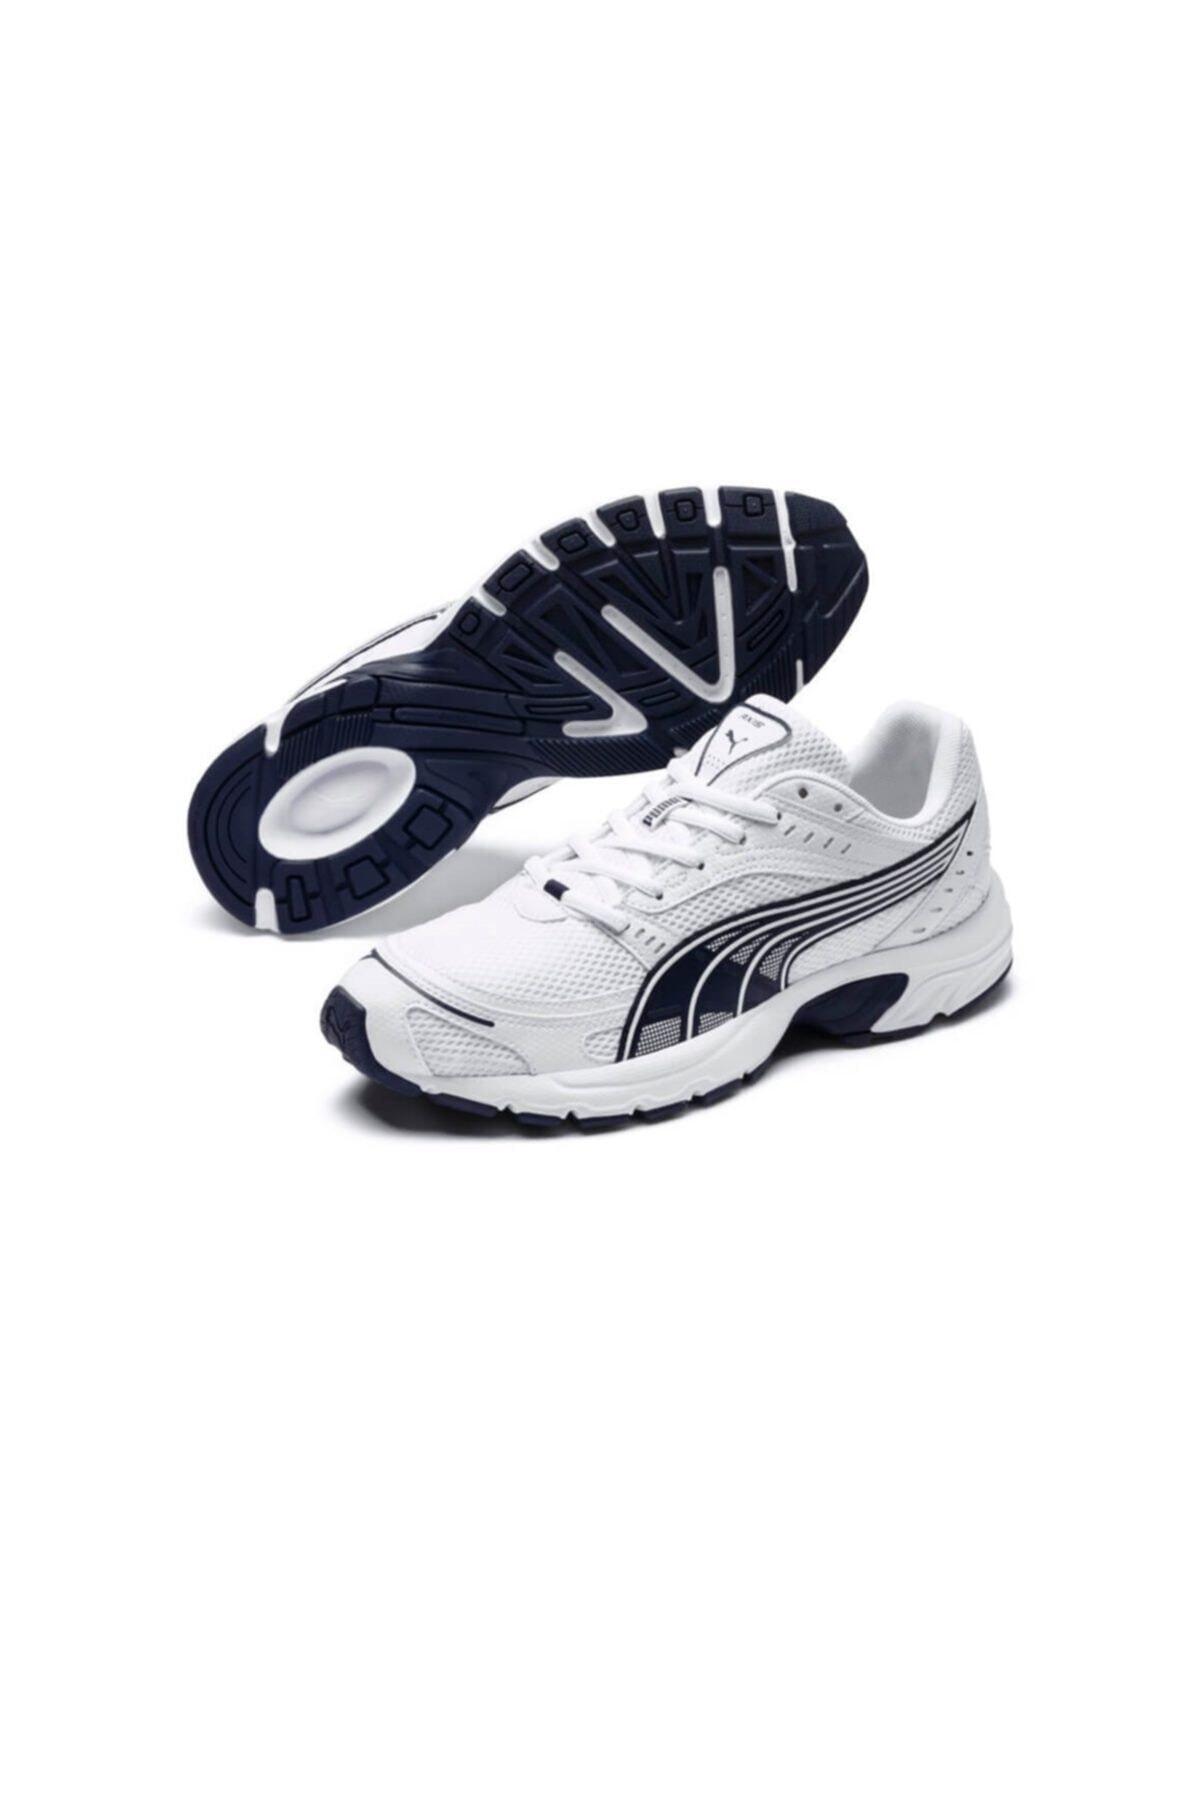 Puma AXIS Beyaz Erkek Koşu Ayakkabısı 100407793 2